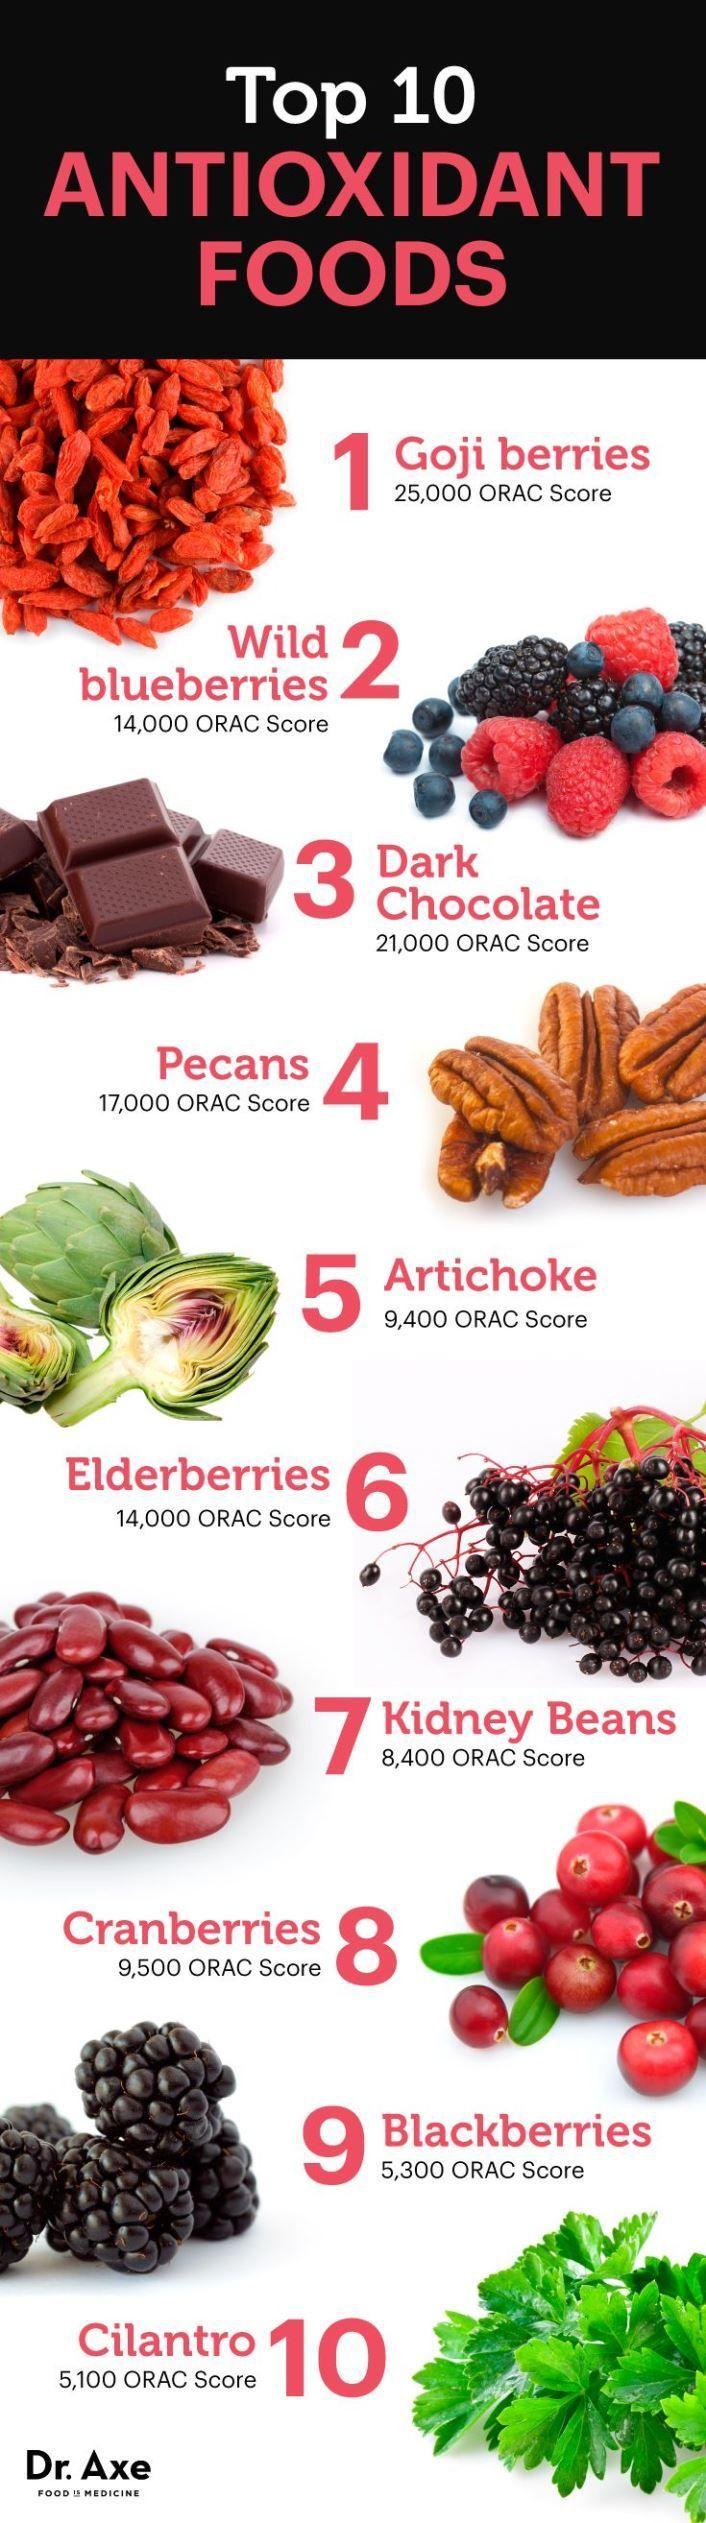 Top 10 High Antioxidant Foods List.